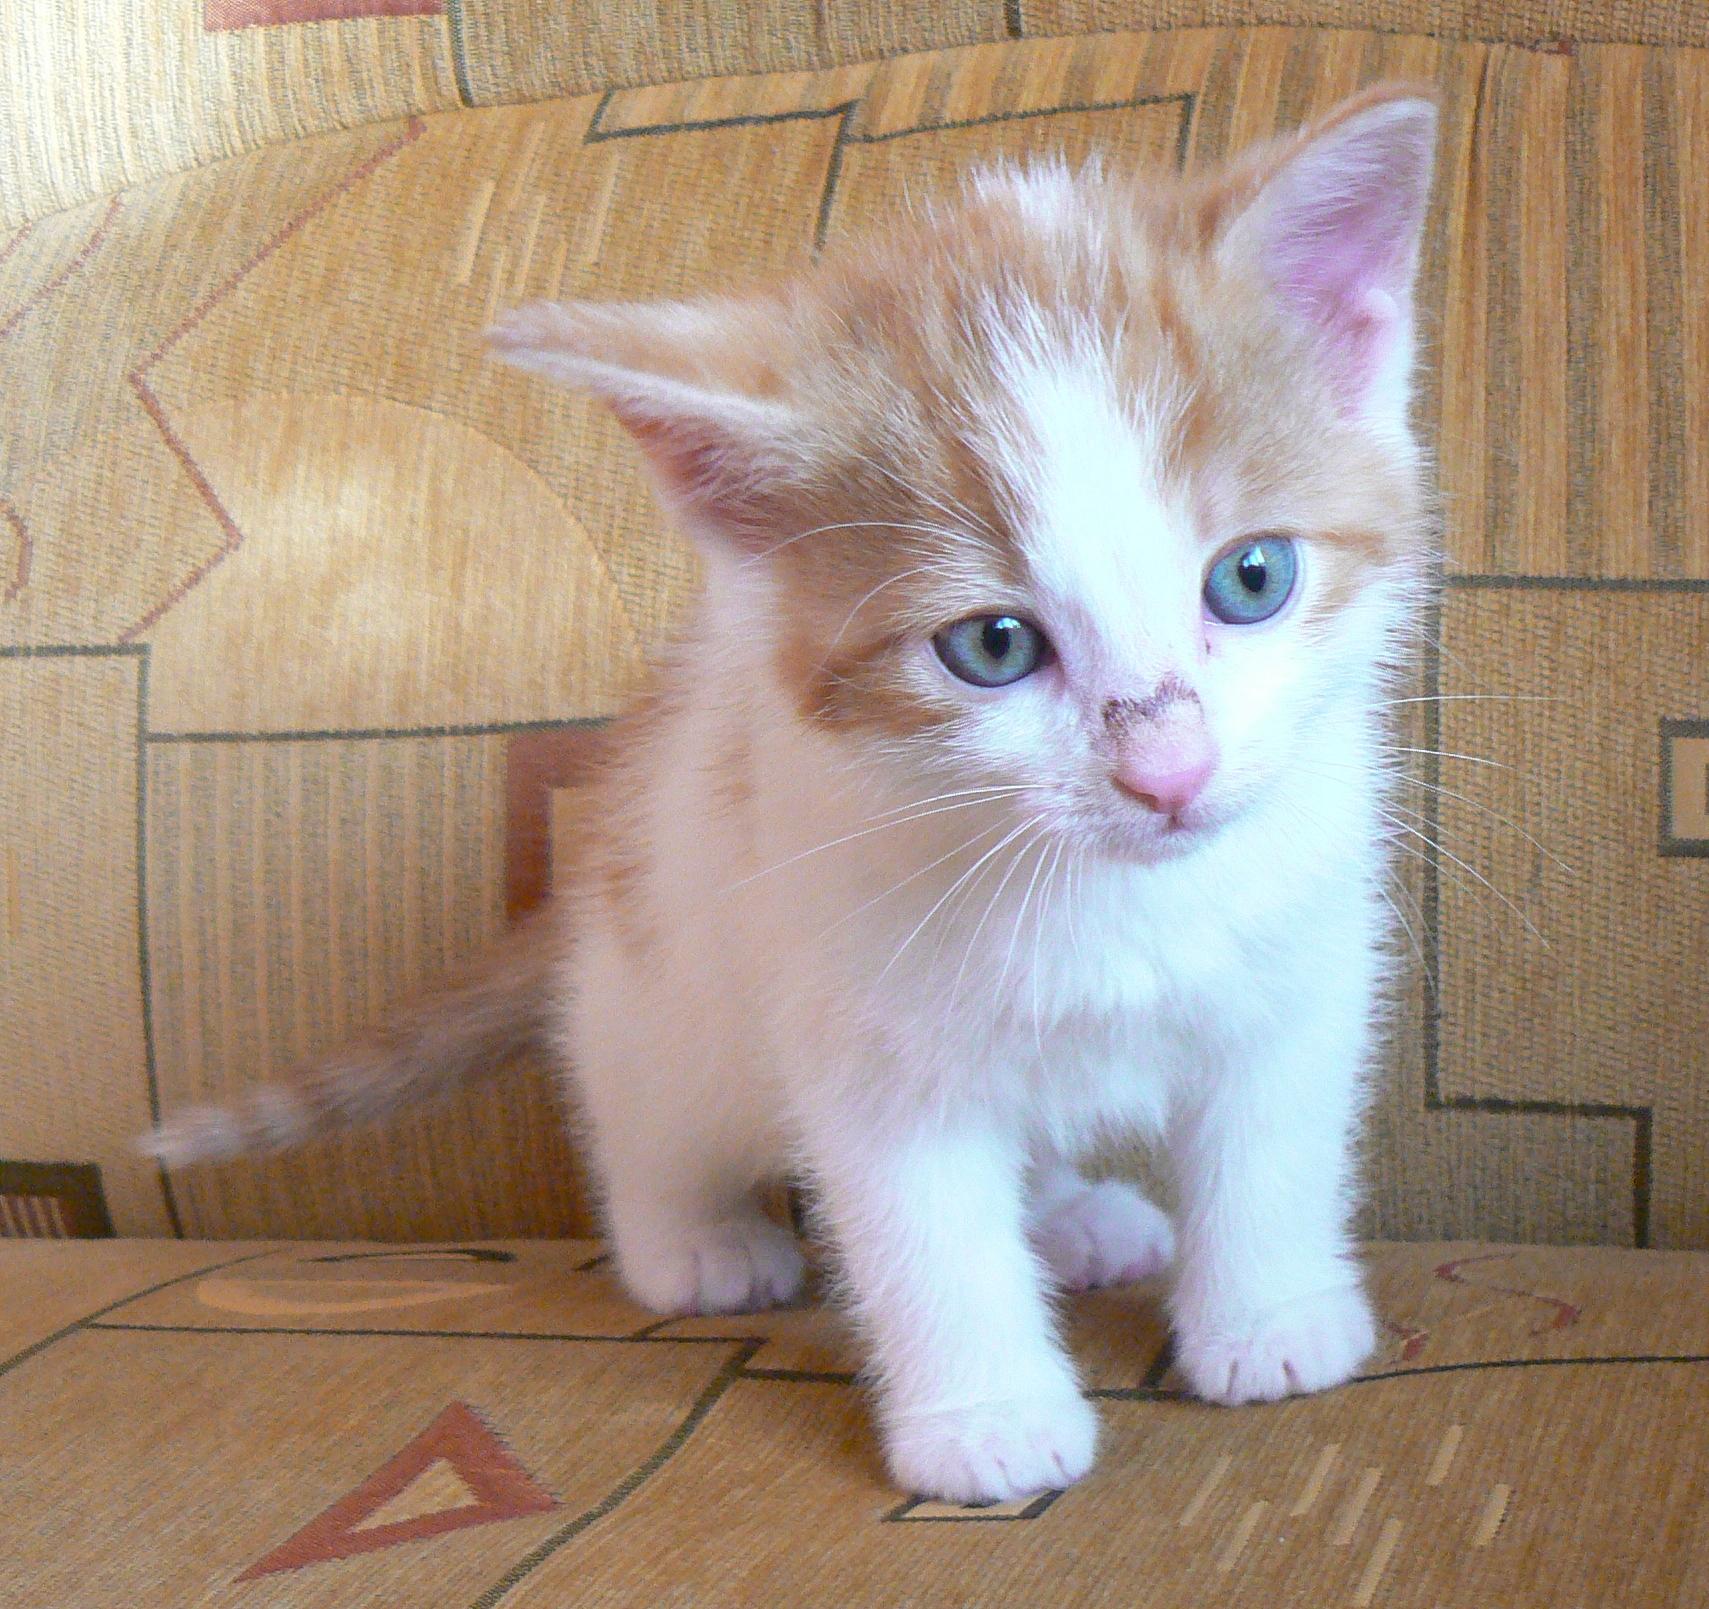 Niewiarygodnie przygarnij kotka! oddam w dobre ręce 4 małe kotki - 7651503429 UK42